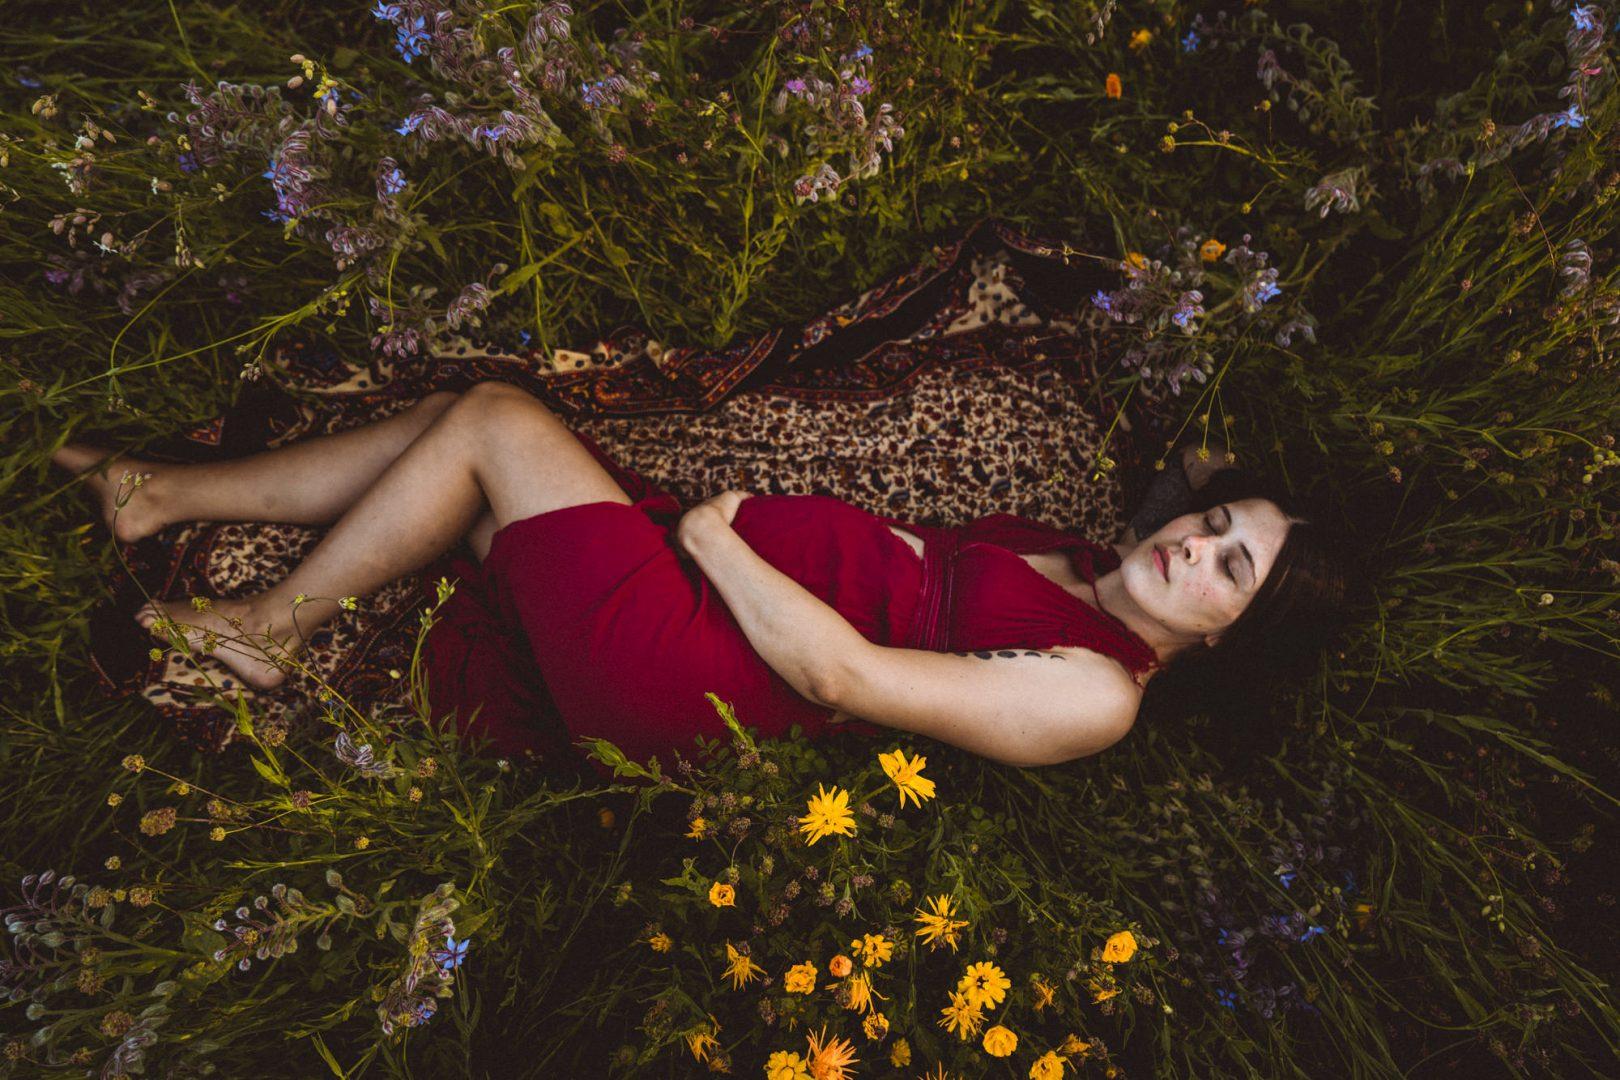 Schwangere liegt in rotem Kleid in Blumenwiese